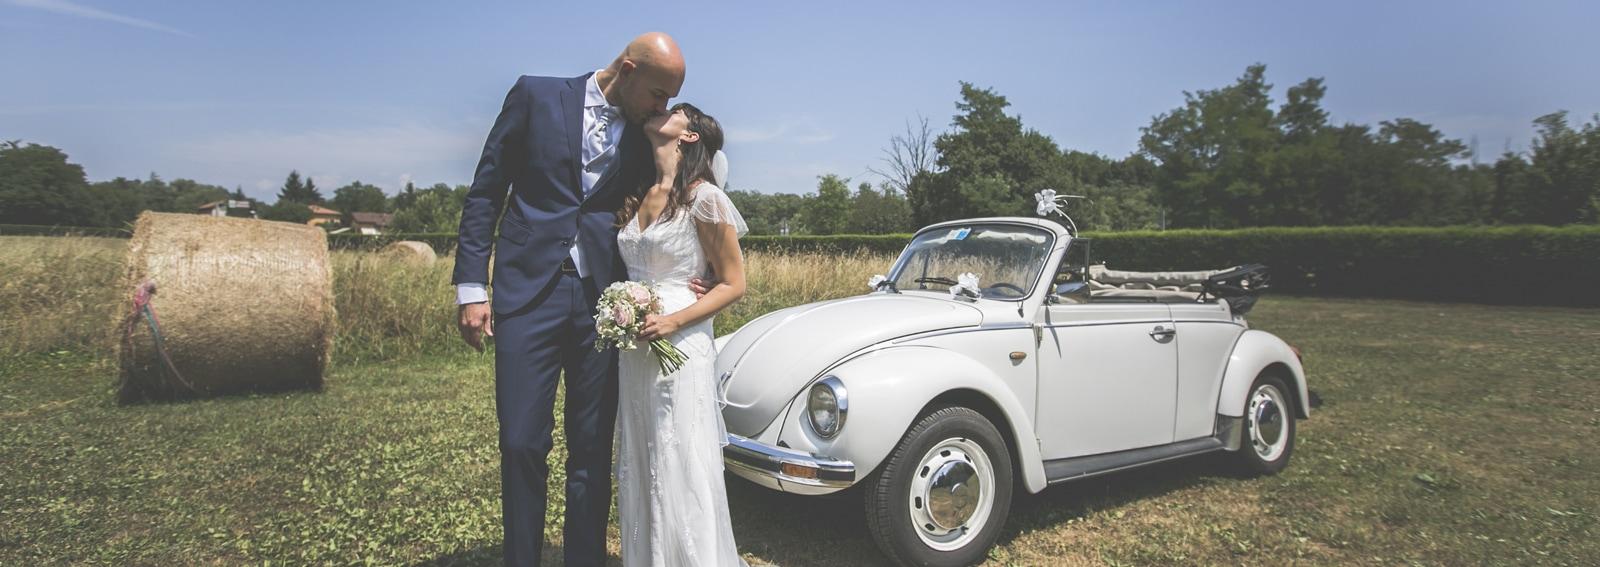 COVER-matrimonio-ross-e-davide-DESKTOP